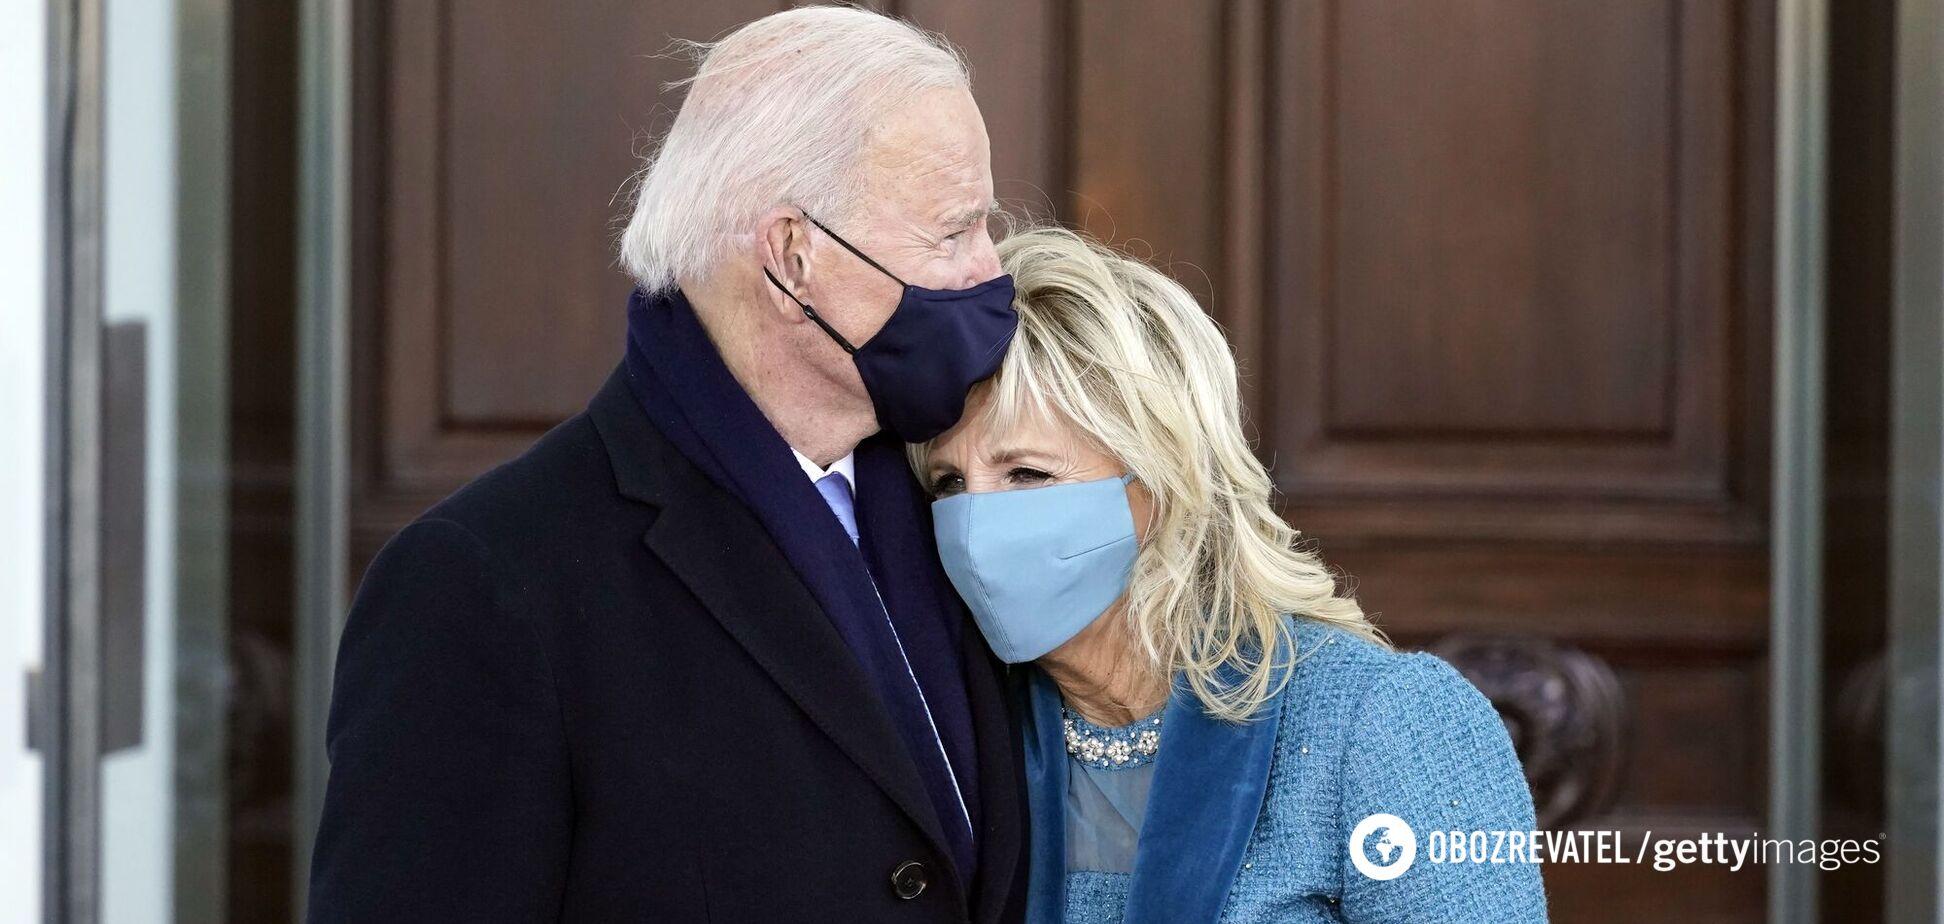 Джилл Байден серьезно поранилась: ей понадобится хирургическое вмешательство